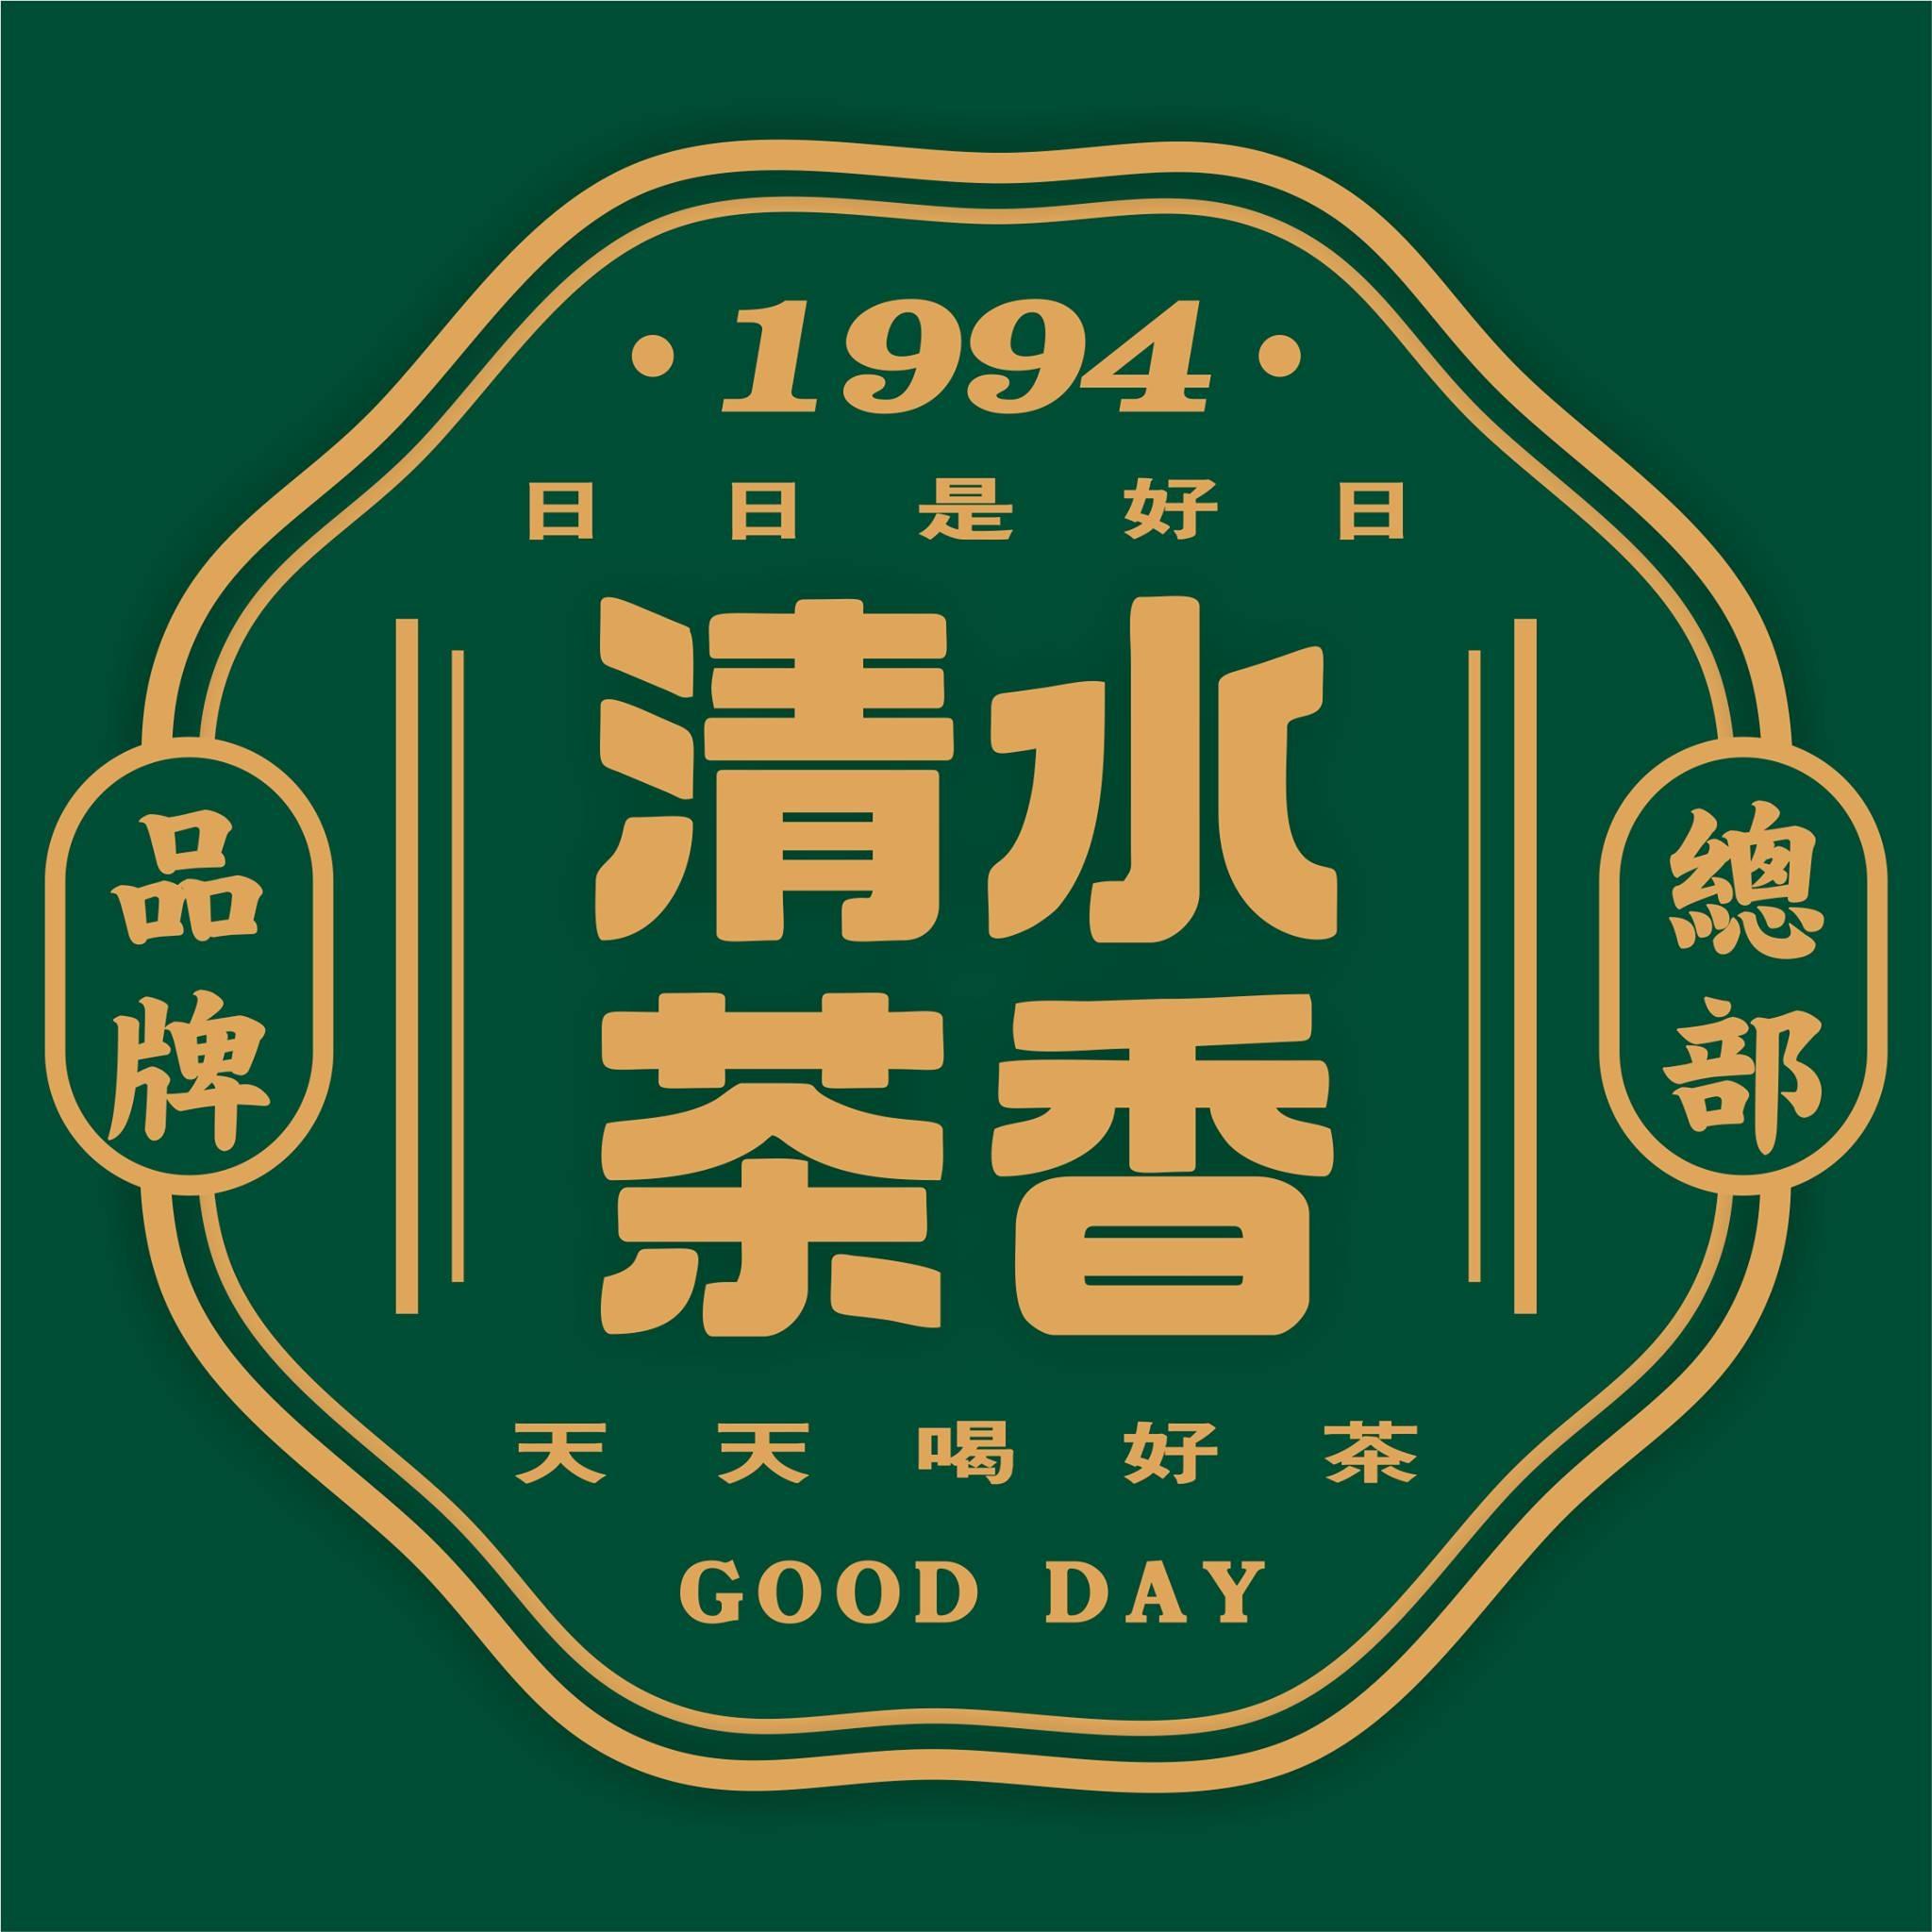 【菜單】清水茶香菜單 2021年價目表 分店據點 清水茶香